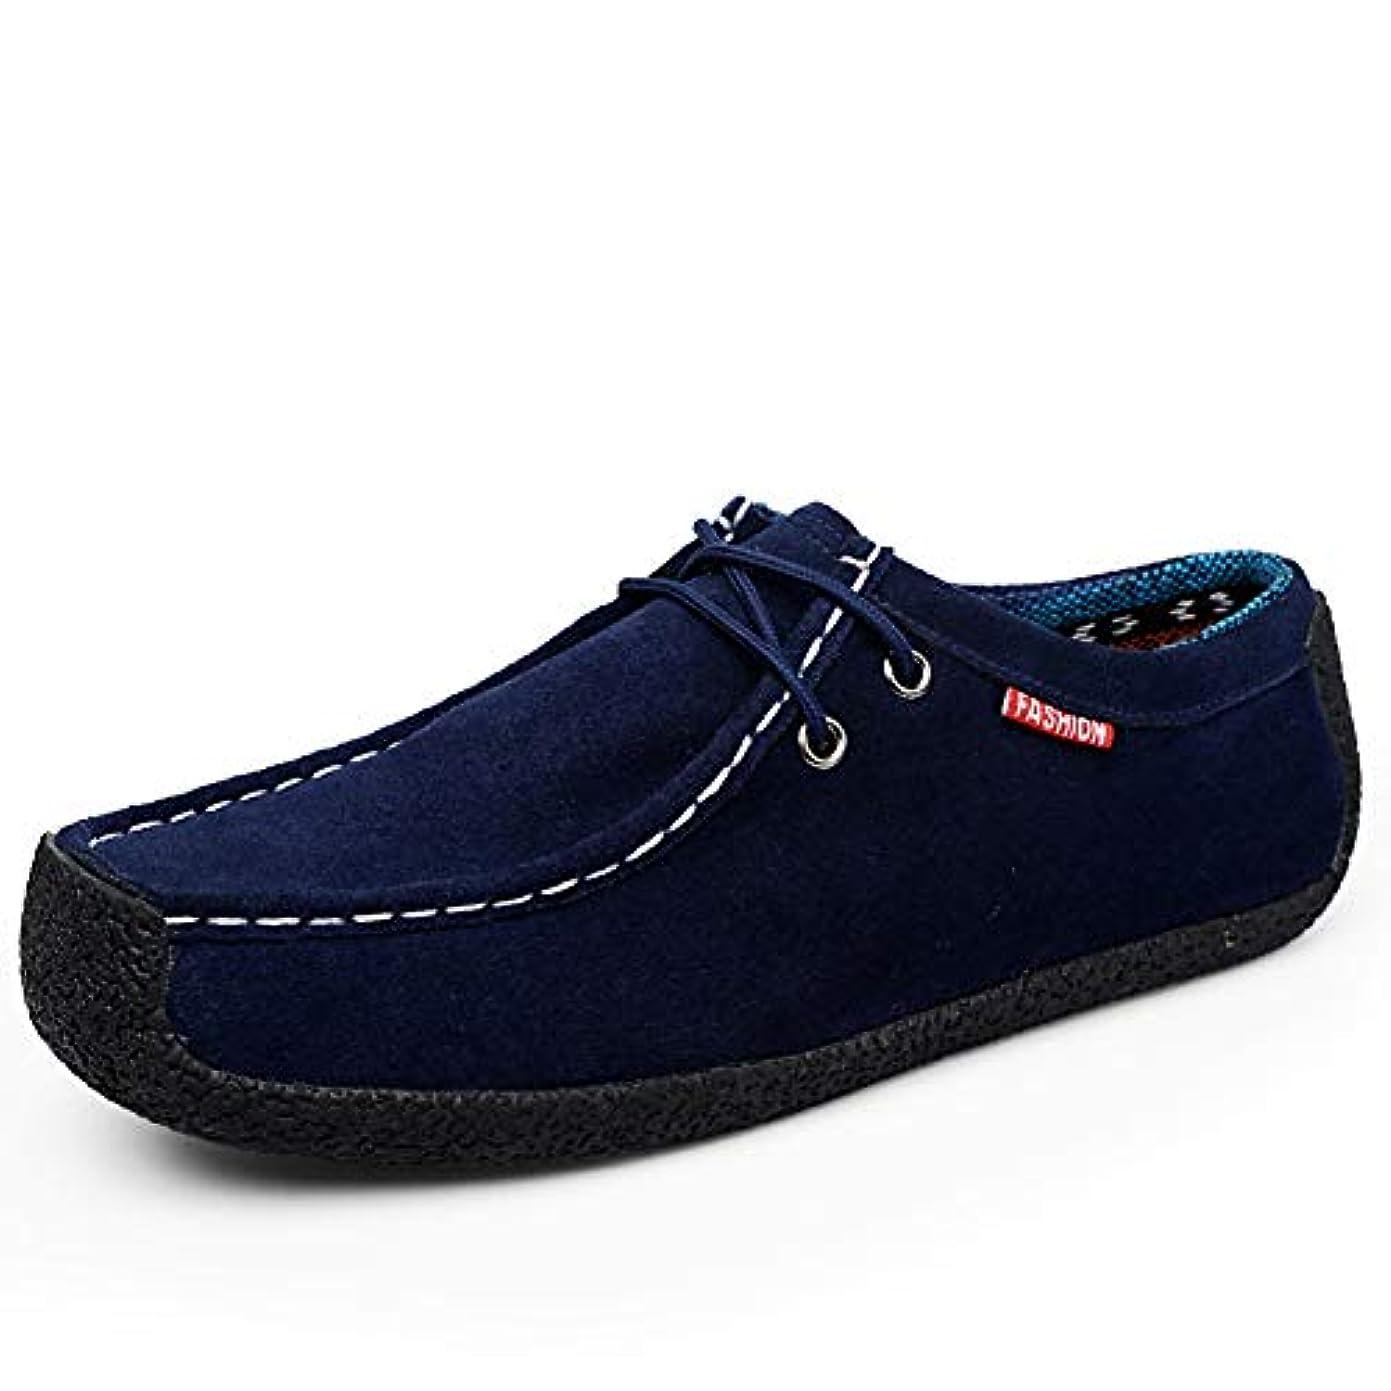 トムオードリース寄り添う統治可能ZXCP ドライビングシューズ メンズ 大きいサイズ ローファー スリッポン モカシン ビジネスシューズ 紳士靴 カジュアル デッキ シューズ 軽量 防滑 快適 履きやすい